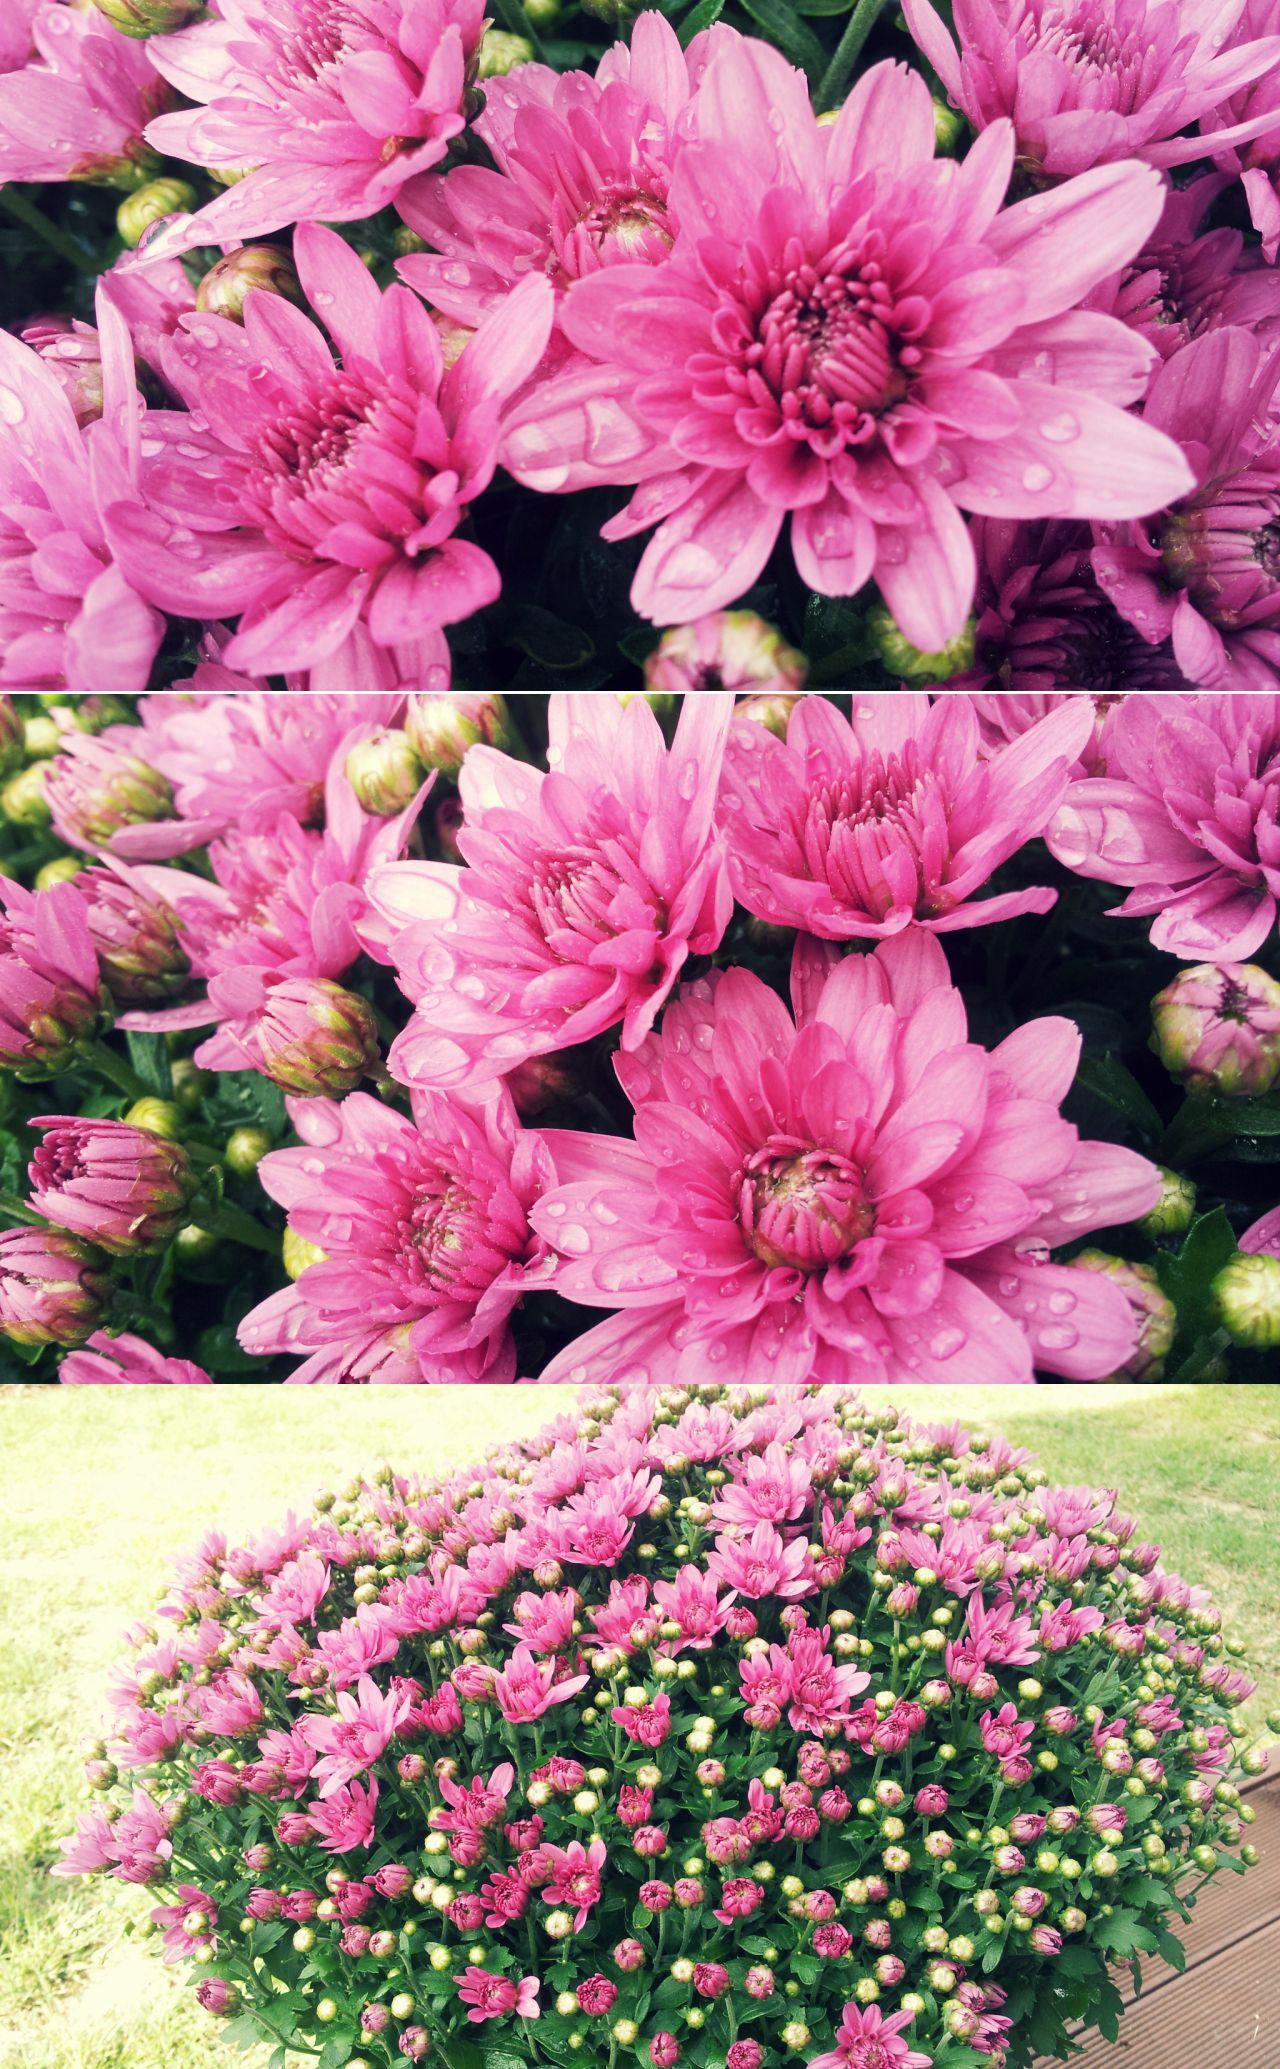 Purple Chrysanthemum Morifolium Chrysanthemum Morifolium Chrysanthemum Flowers